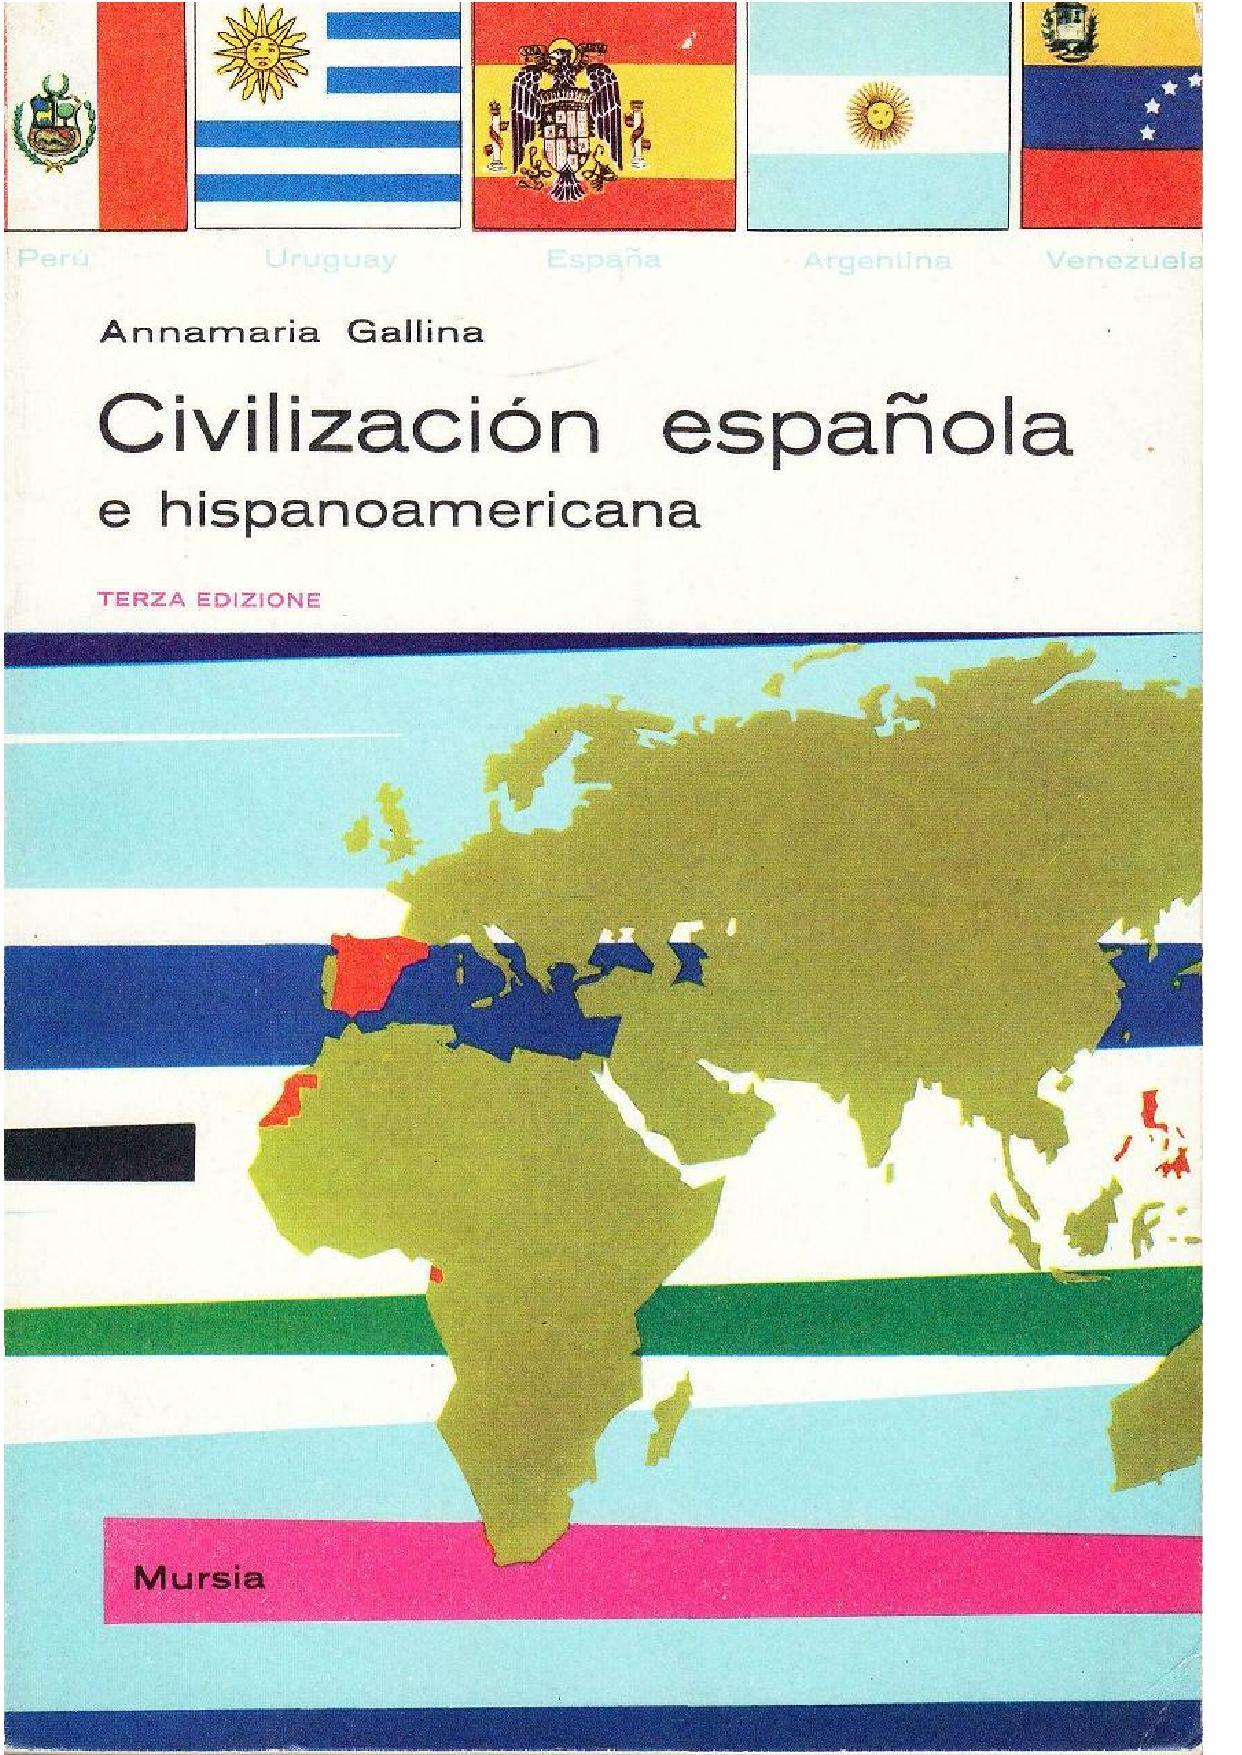 Civilización española e hispanoamericana